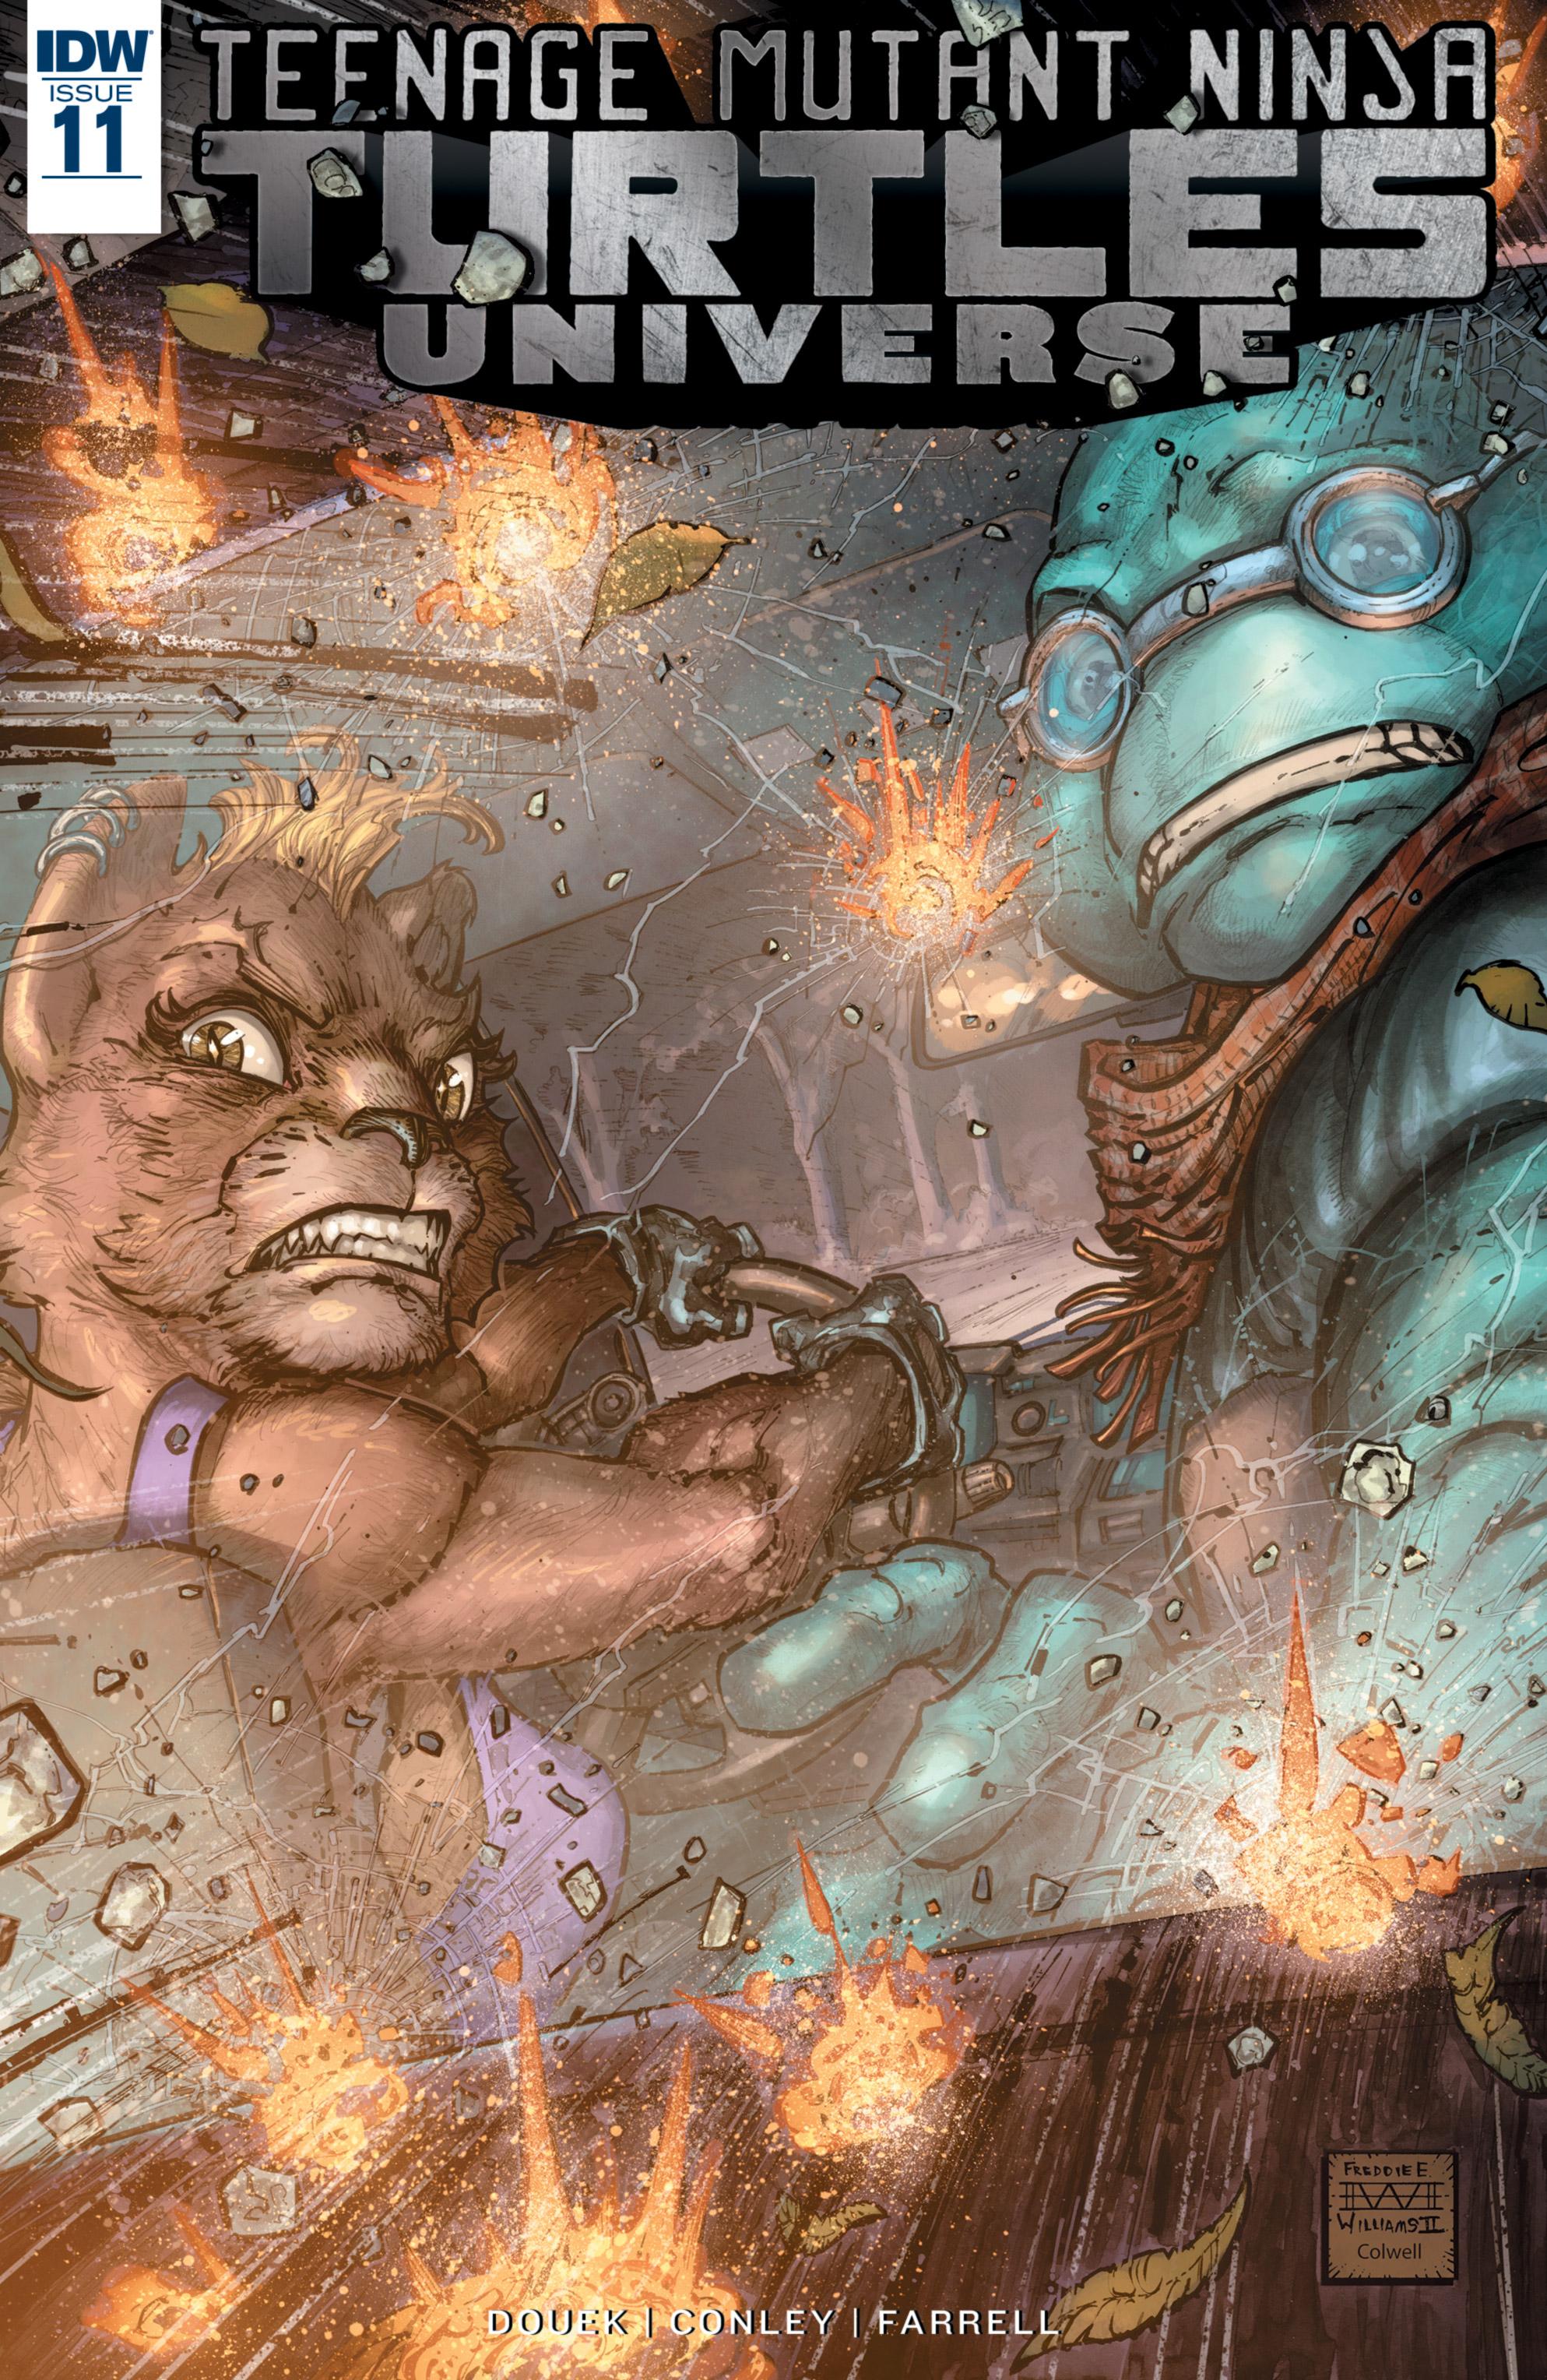 Read online Teenage Mutant Ninja Turtles Universe comic -  Issue #11 - 1